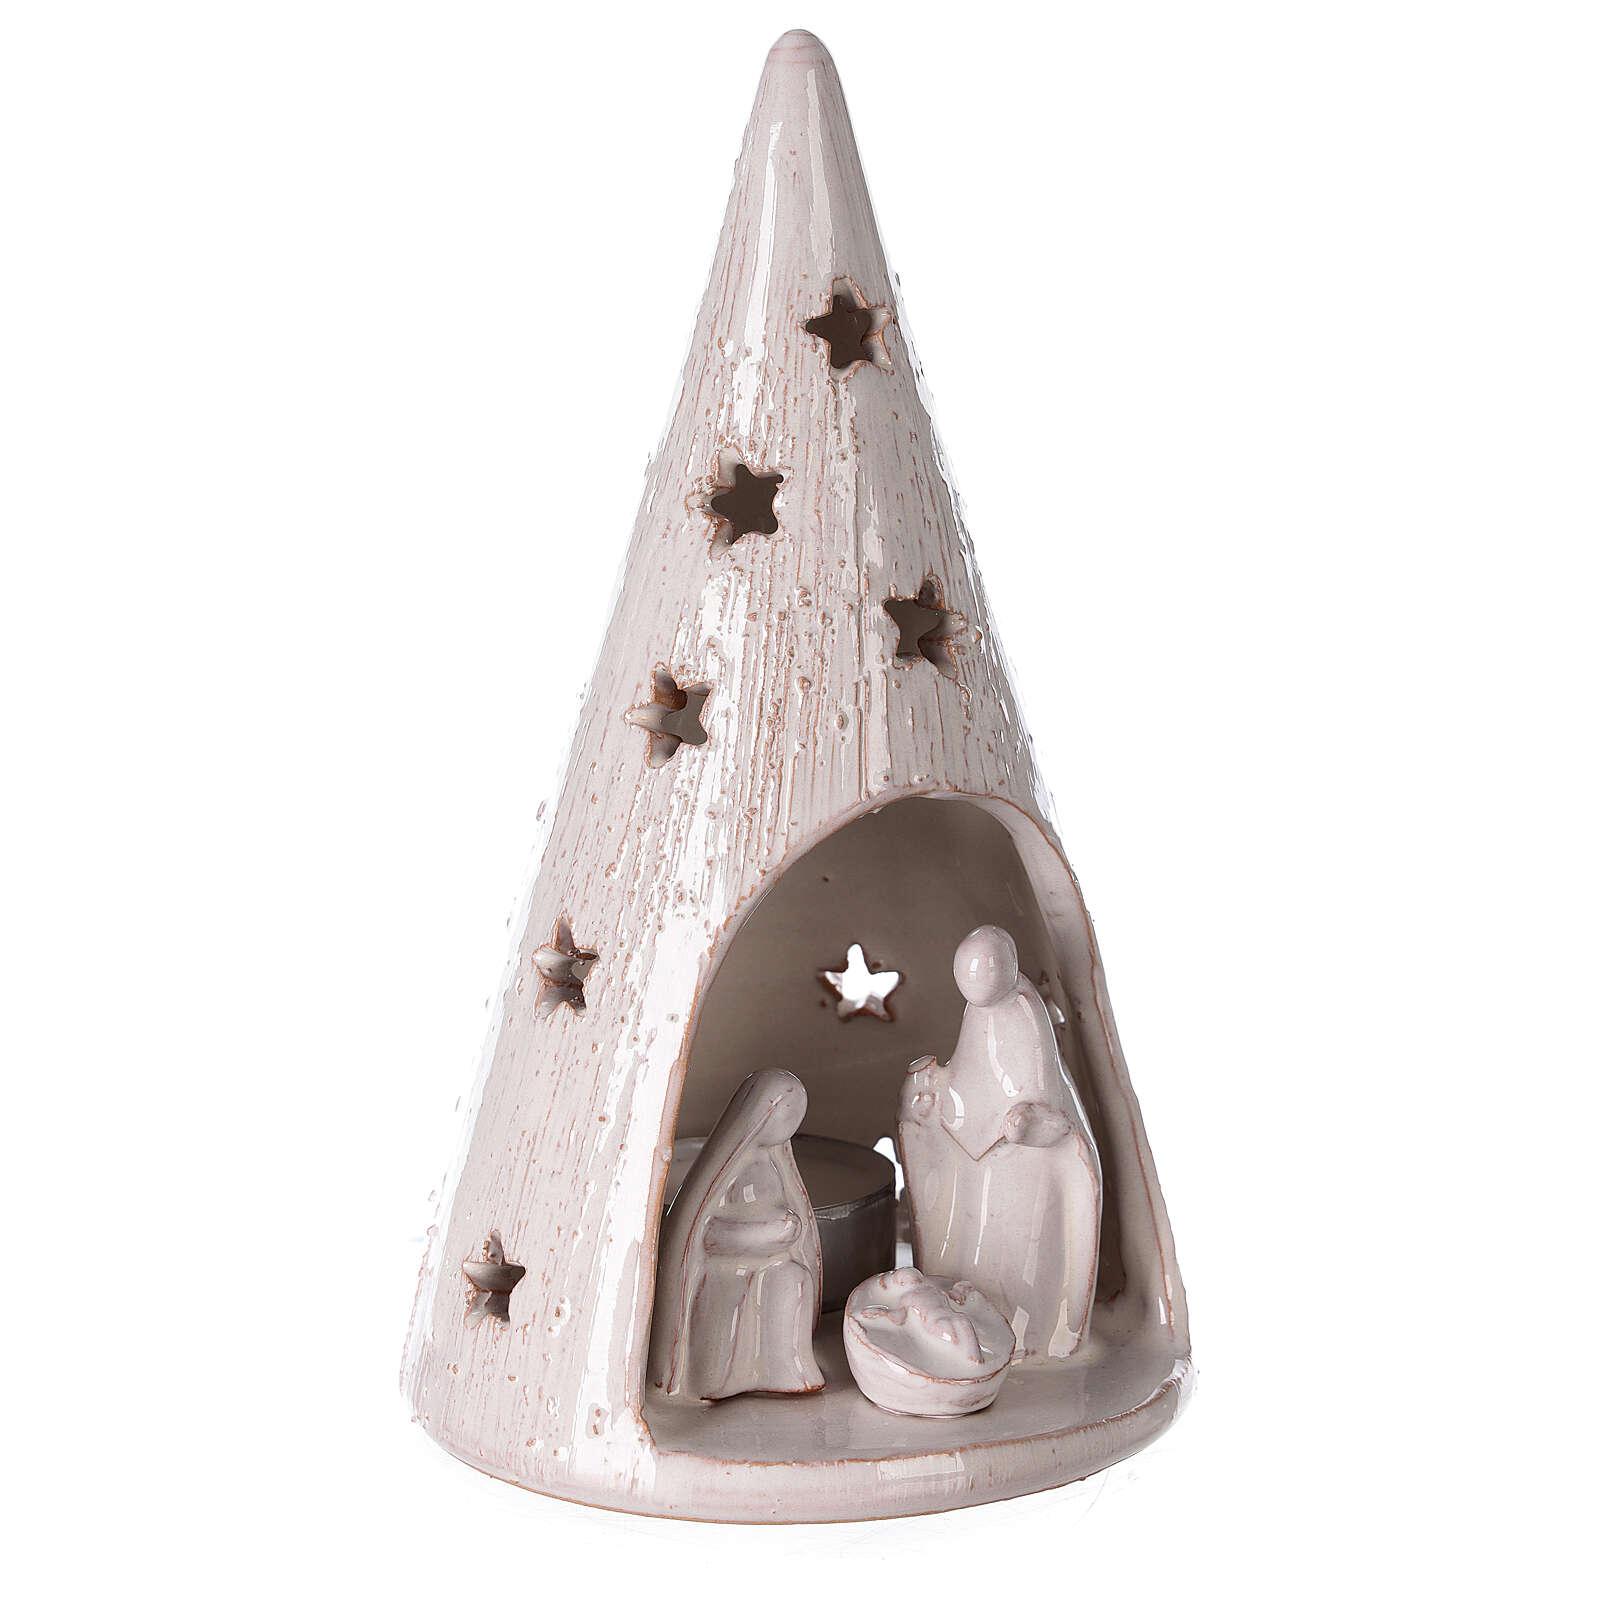 Albero lume Natività terracotta bianca Deruta 20 cm 4